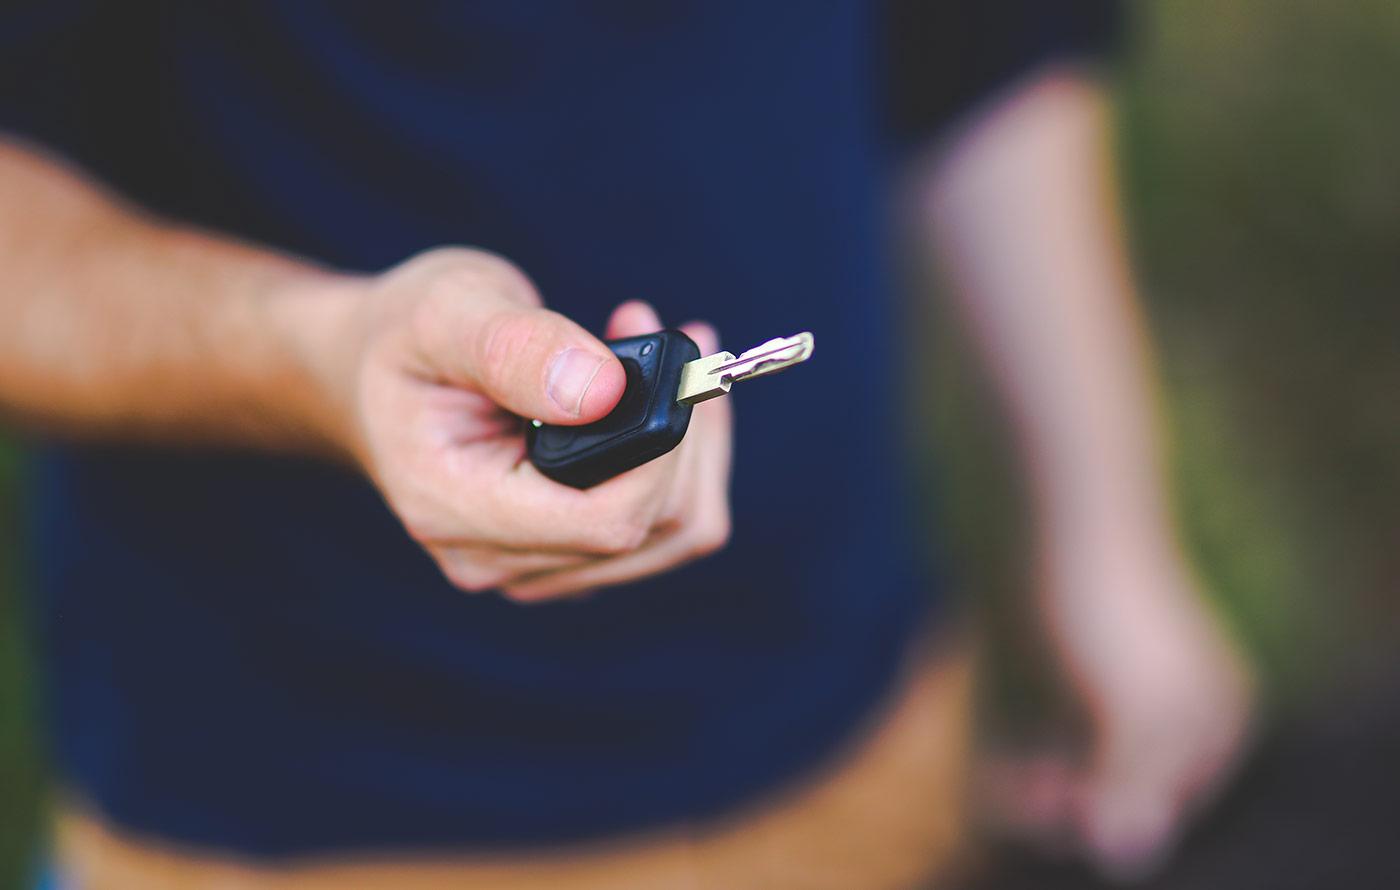 clé dans une main